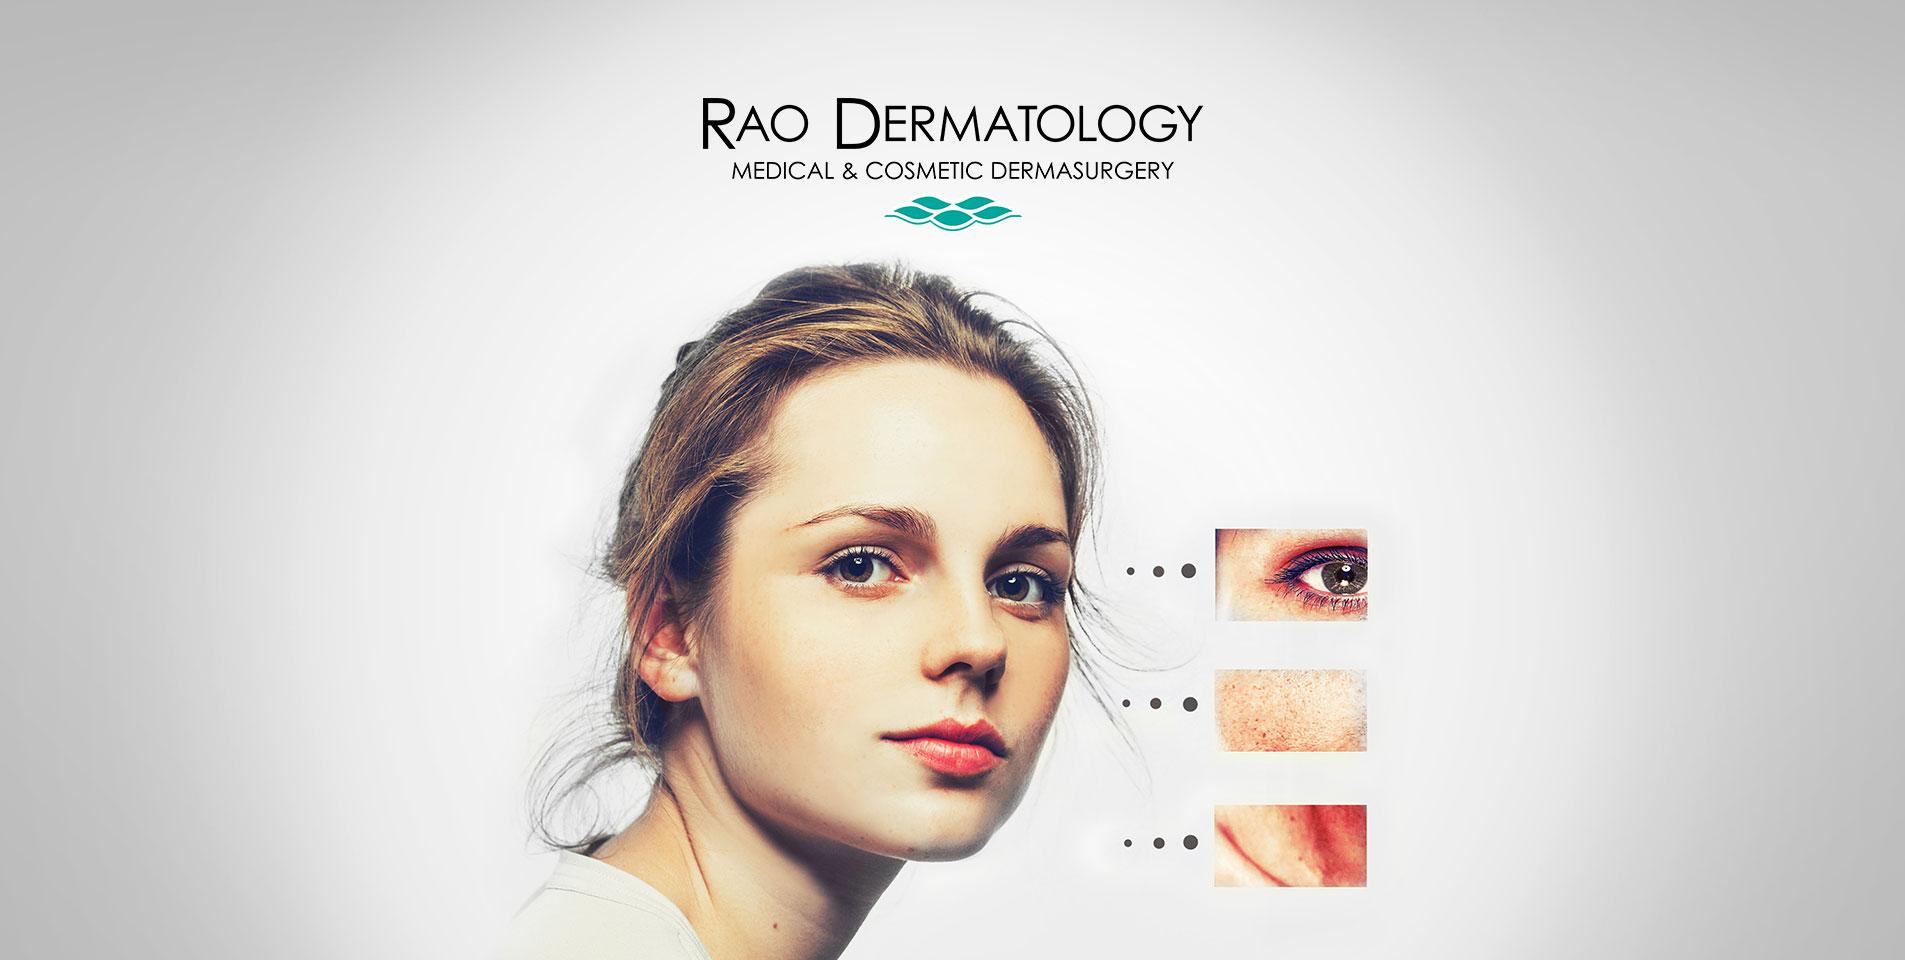 Rao Dermatology Edmonton Skin Care